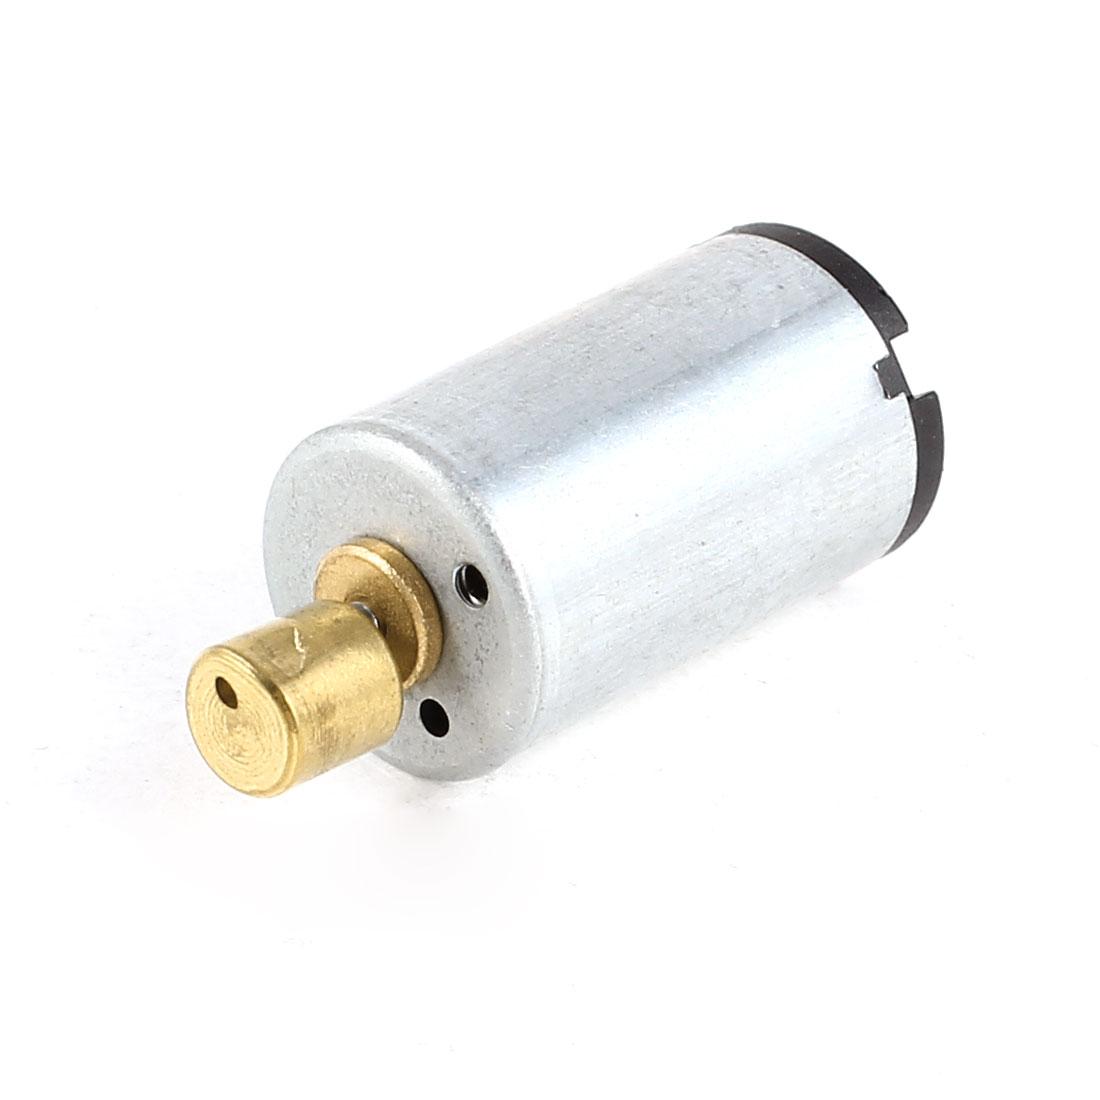 Mini Vibration Vibrating Motor DC 1.25-3.7V 20000RPM 12x20mm for Toys Massage Device